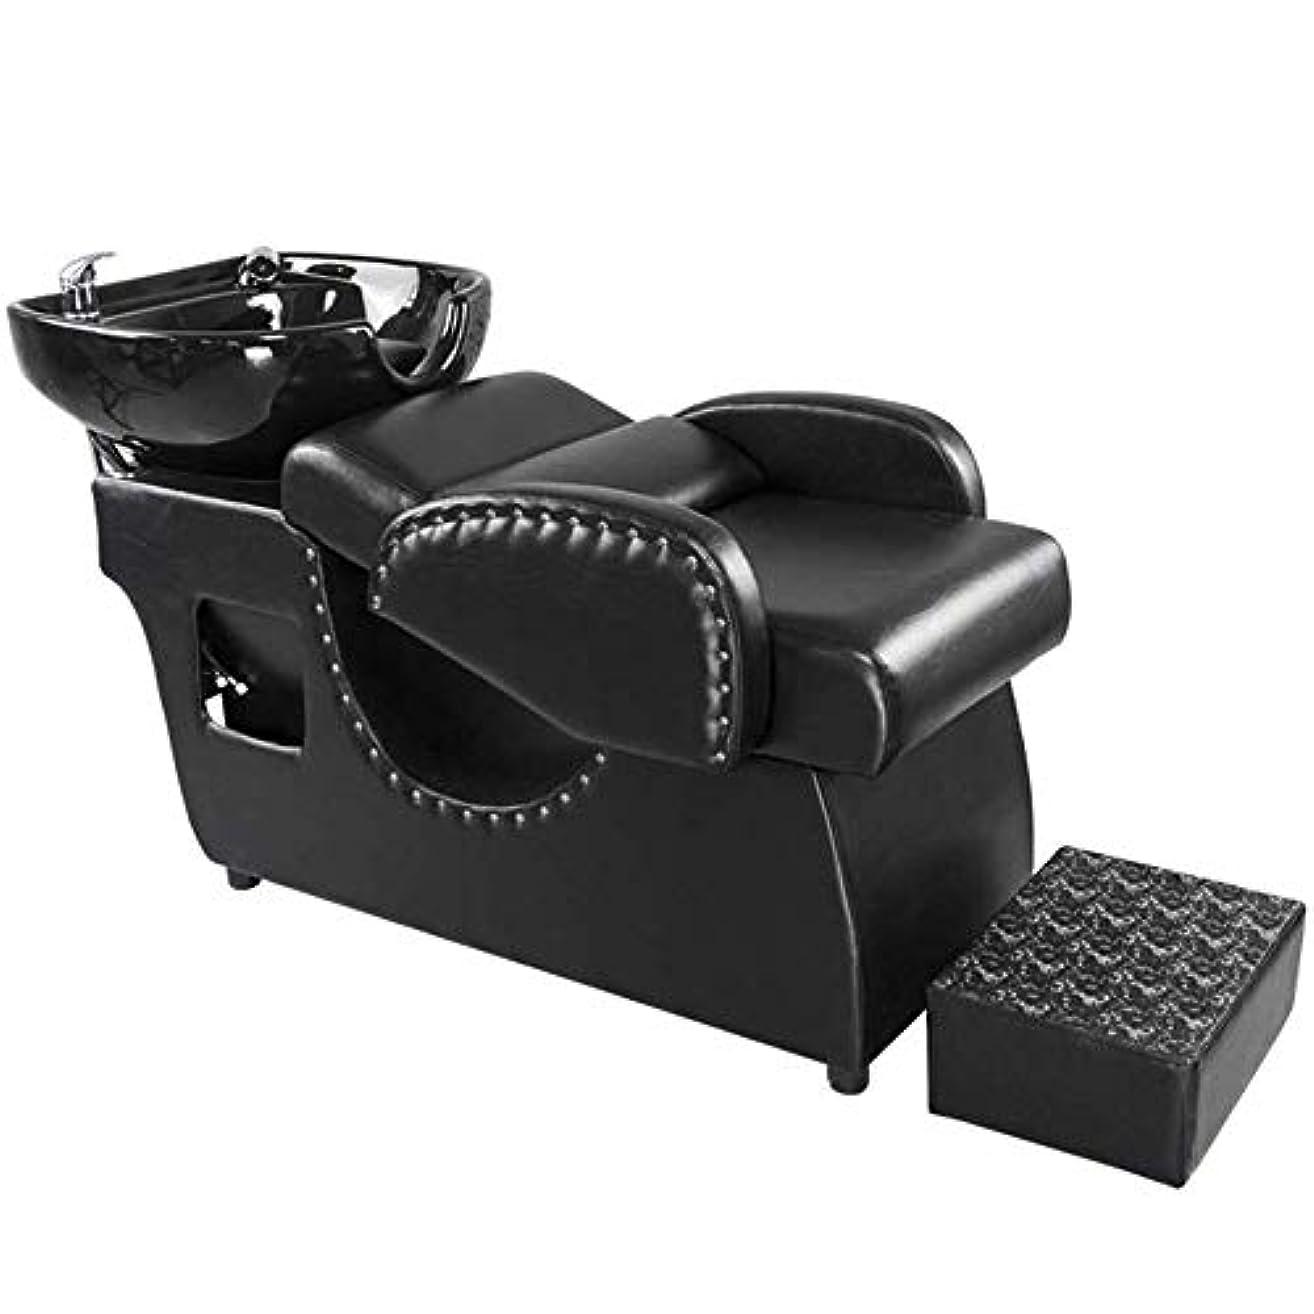 スラックアラビア語行シャンプー理容室逆洗椅子、鉱泉の美容院のための陶磁器の洗面器の洗い流すベッドのシャンプーの流しの椅子